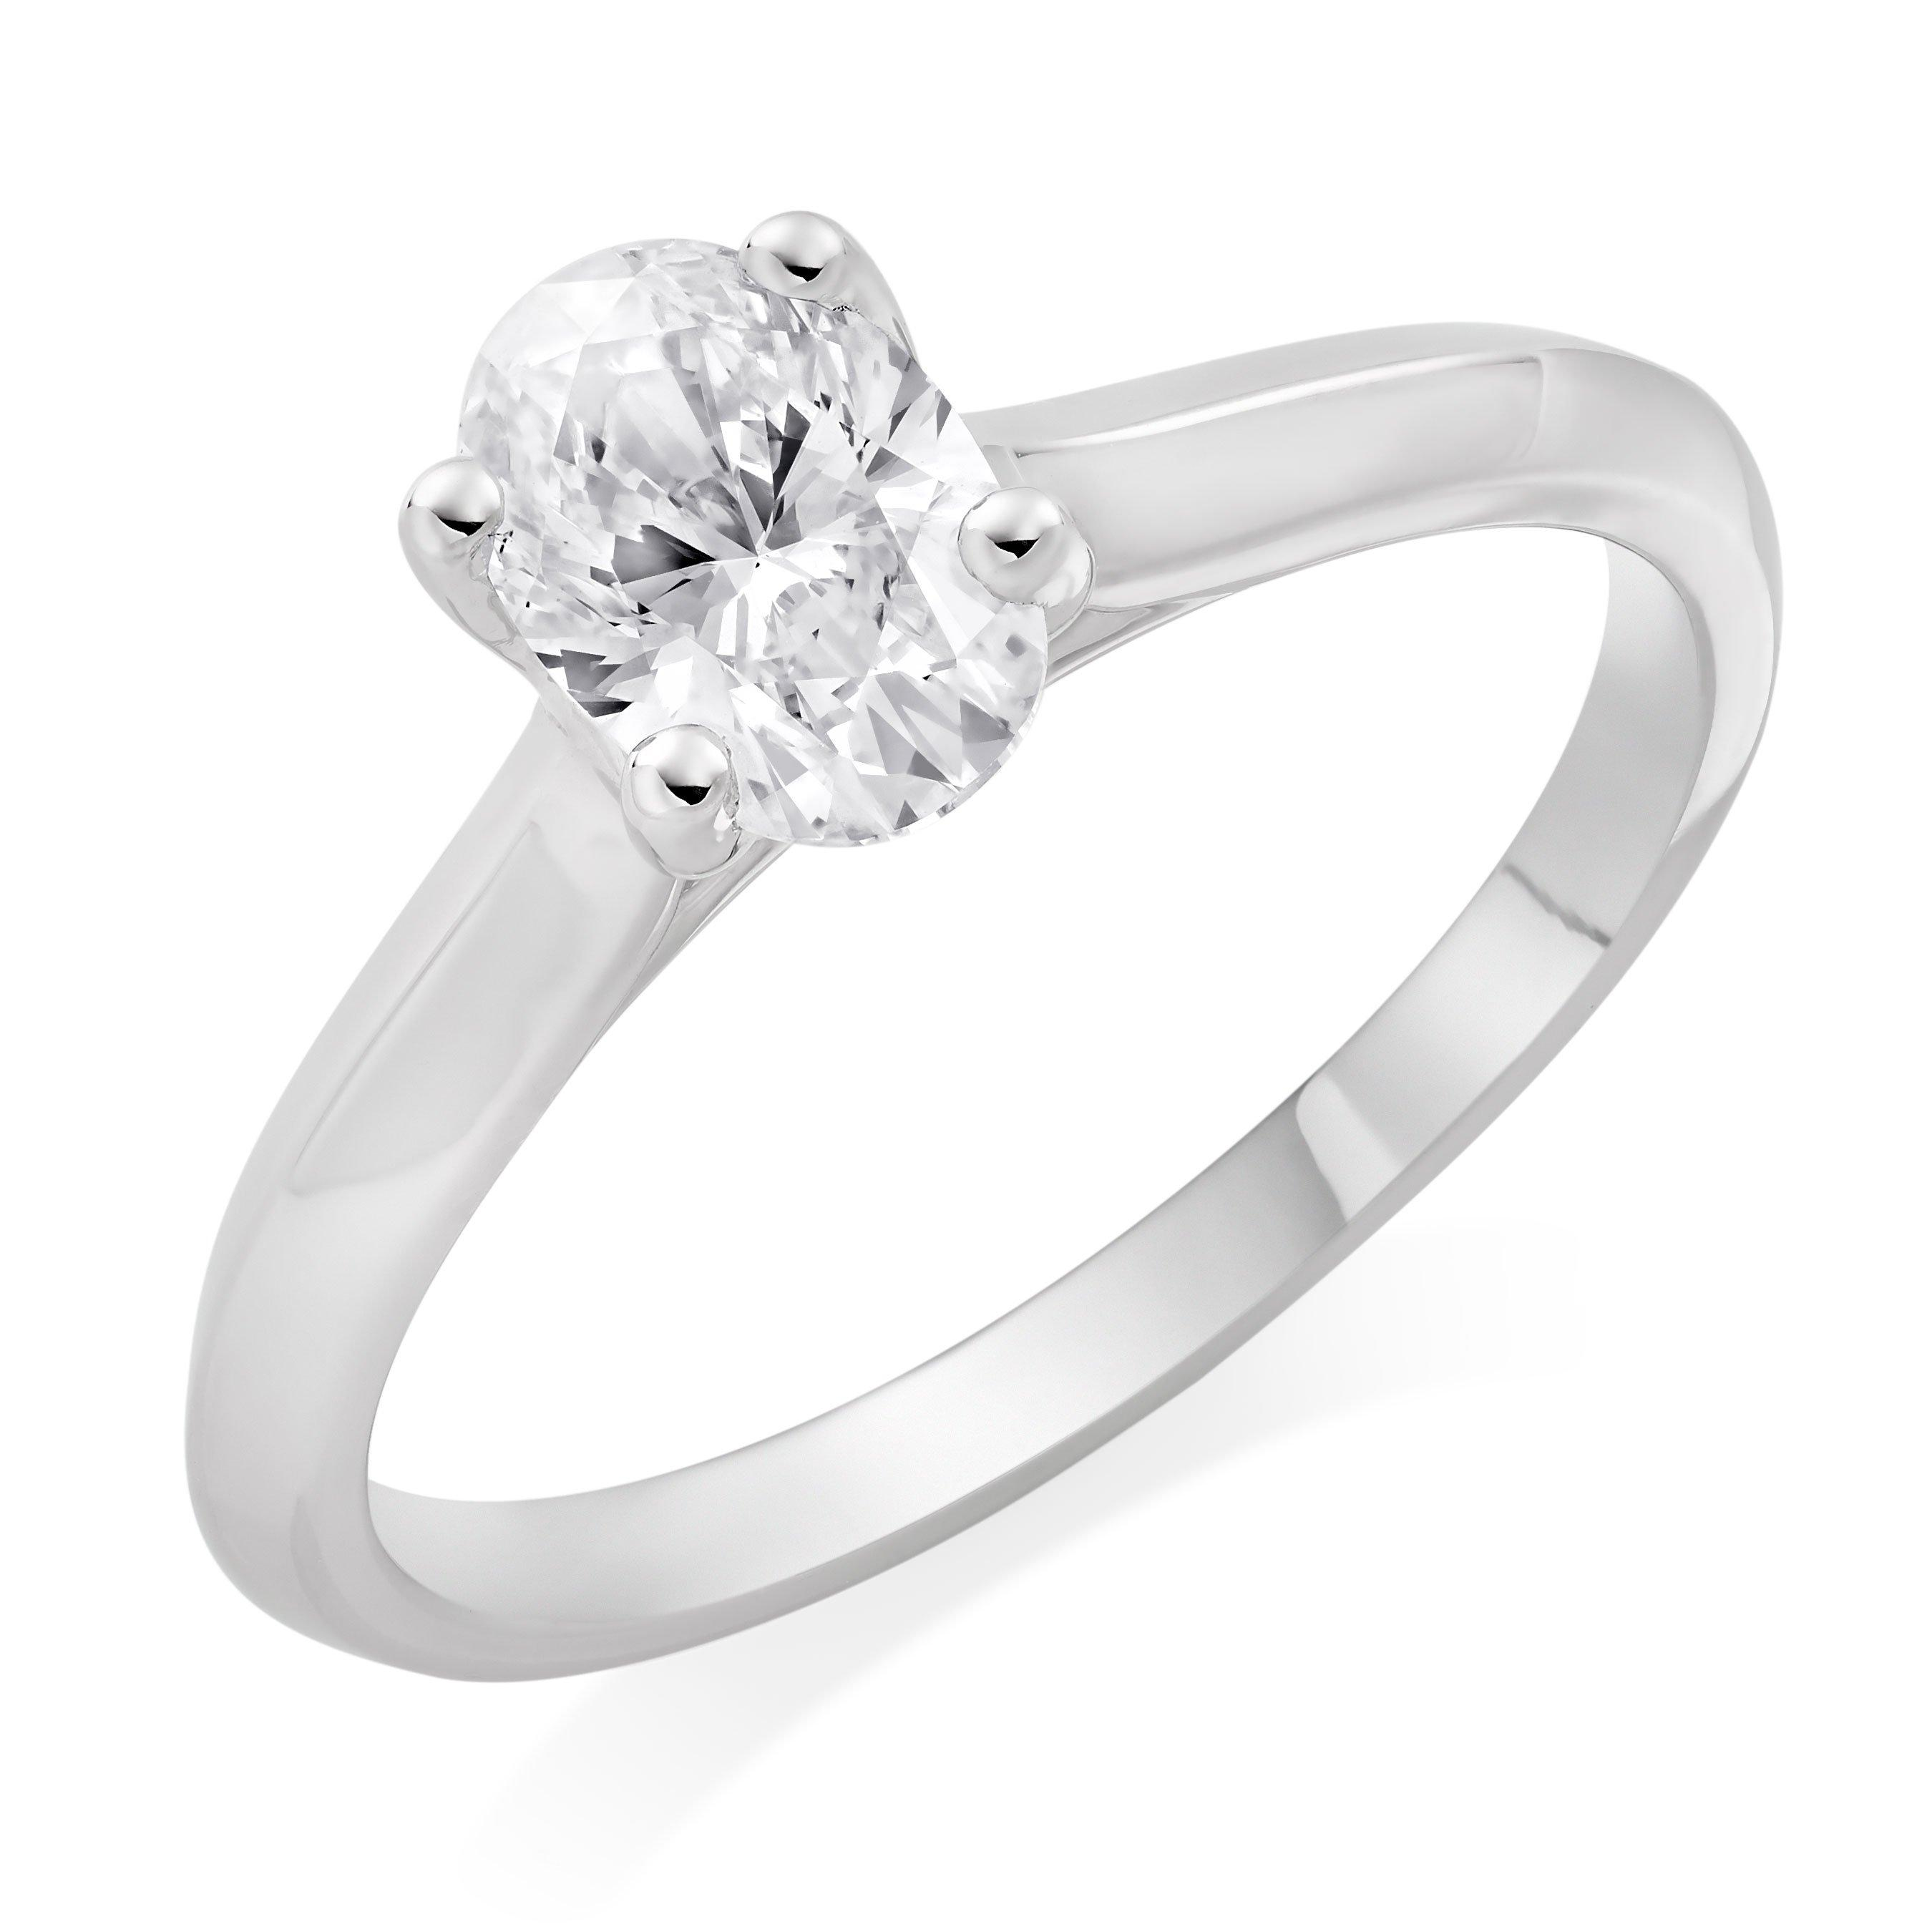 Royal Asscher Charlotte Platinum Diamond Royal Asscher Oval Cut Solitaire Ring